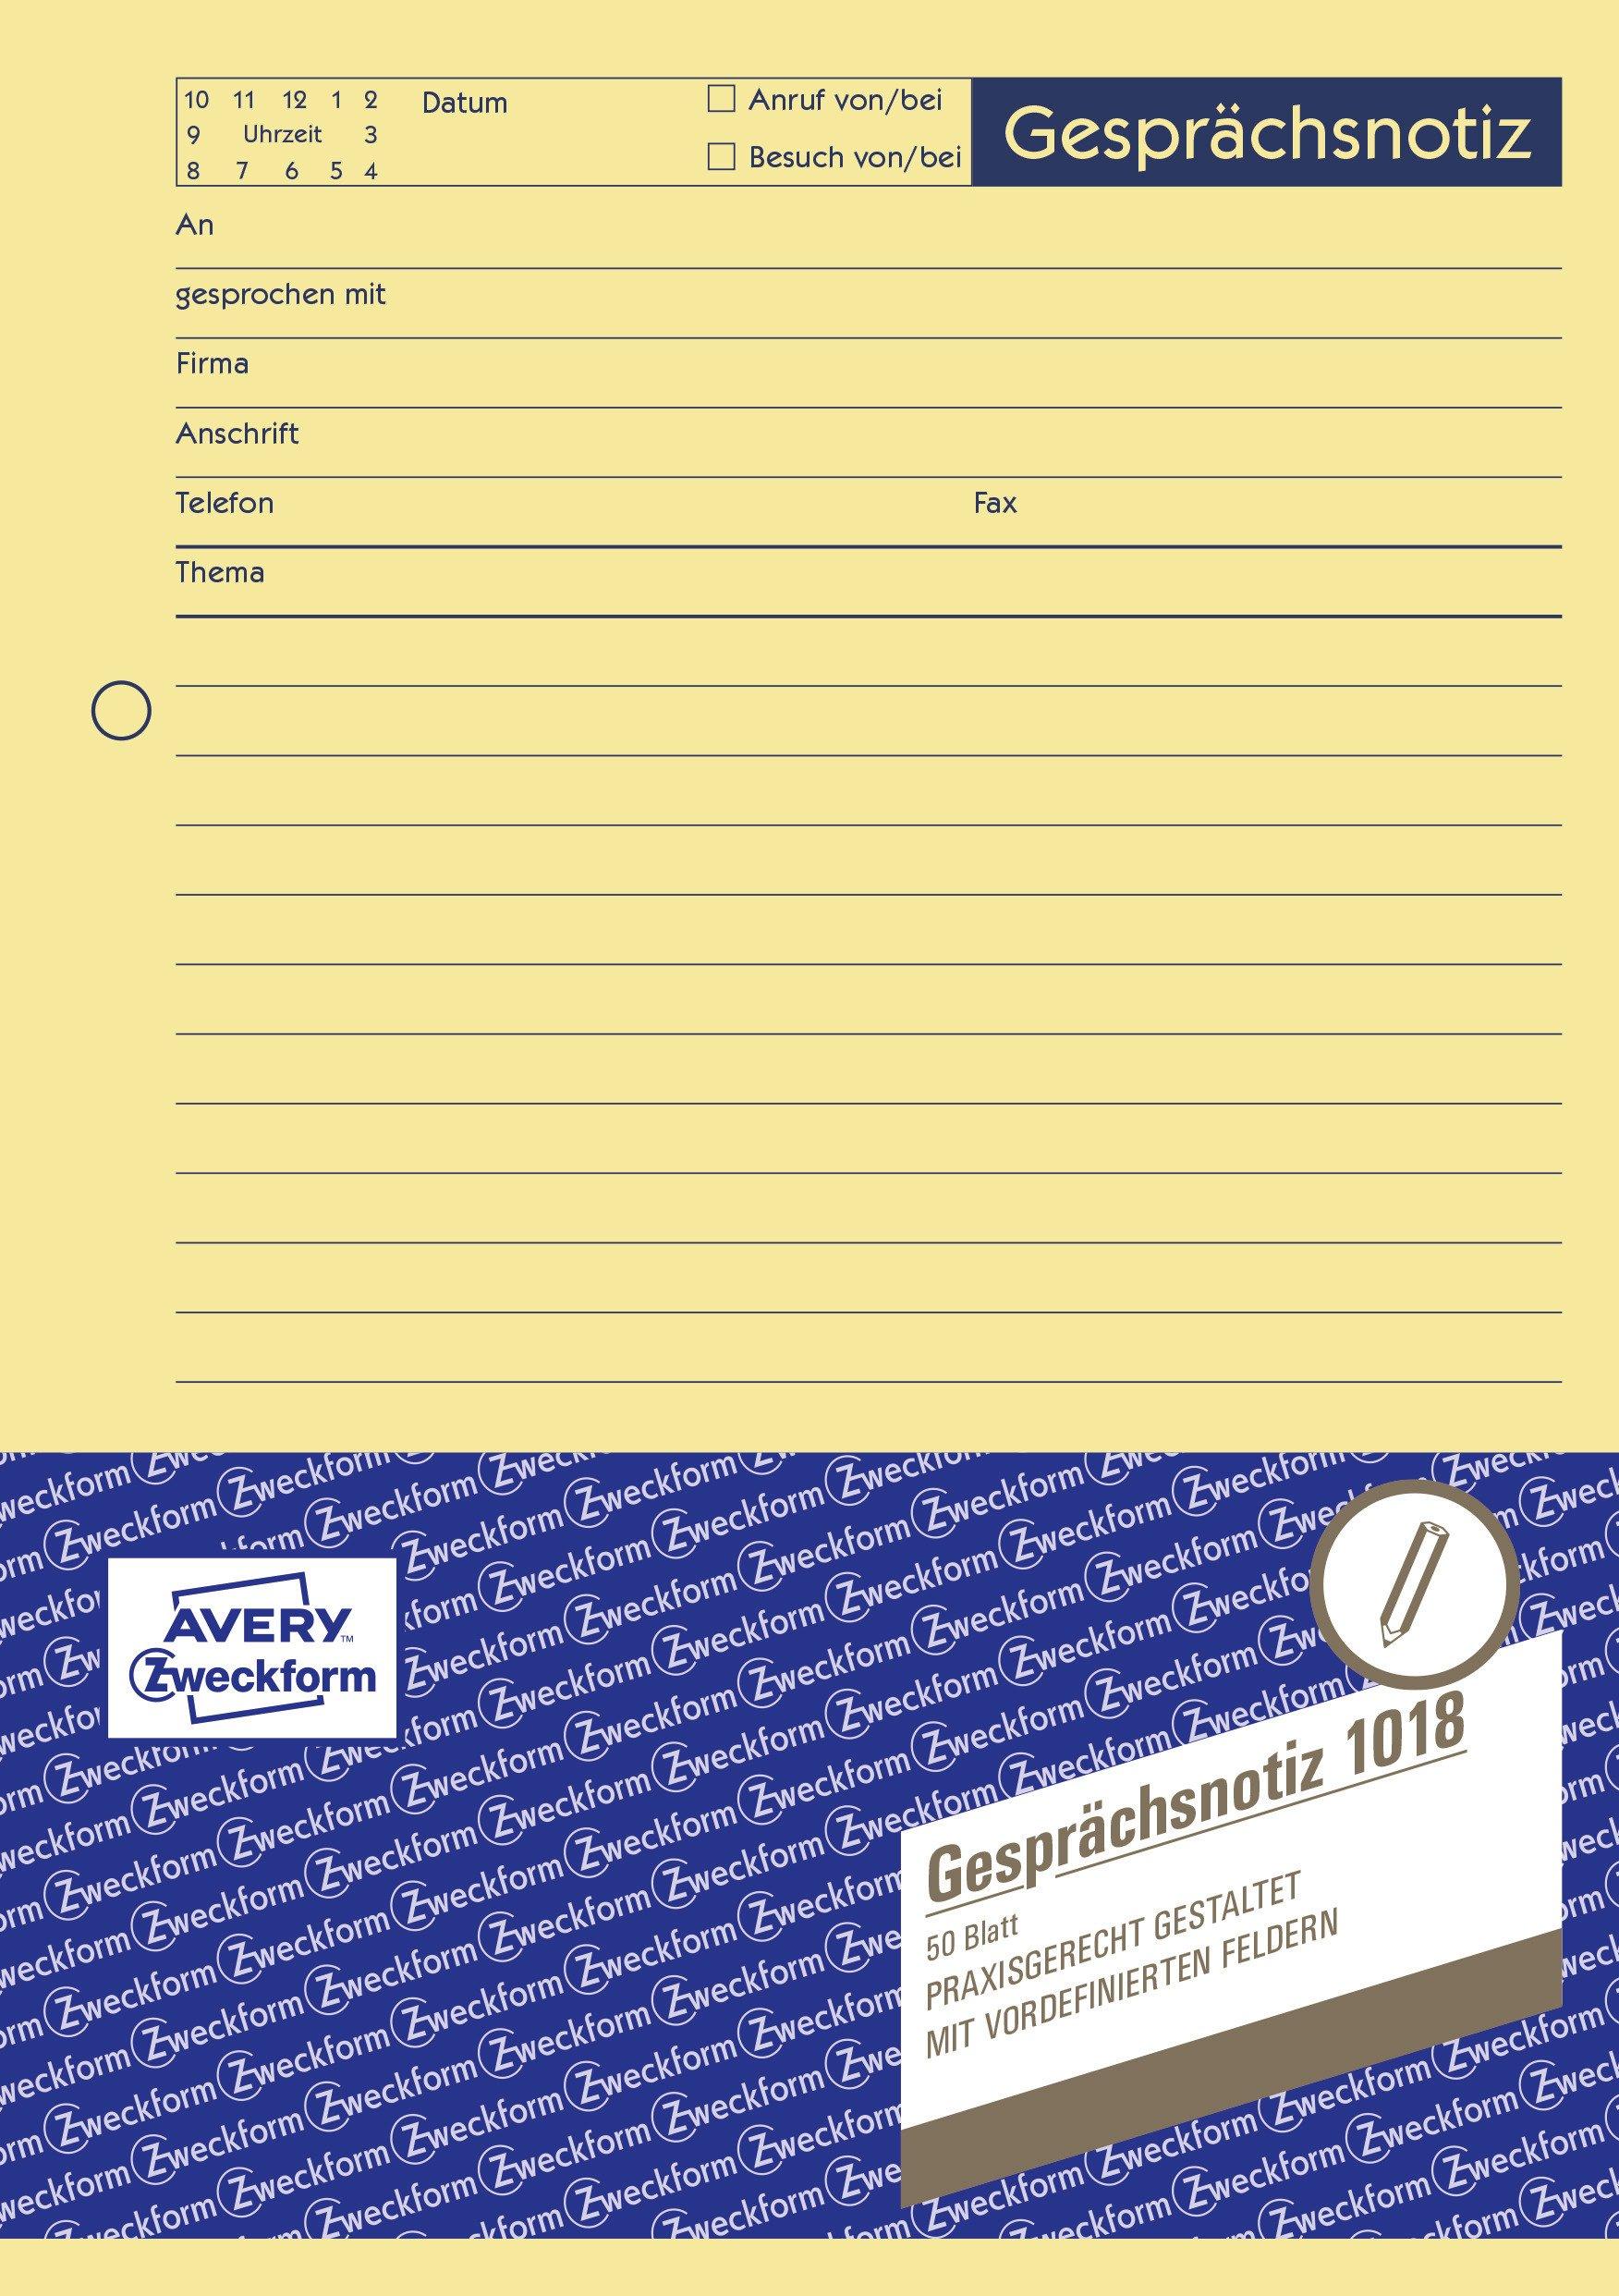 AVERY-Zweckform-1018-Gesprchsnotiz-A5-Abreiblock-oben-verleimt-50-Blatt-gelb